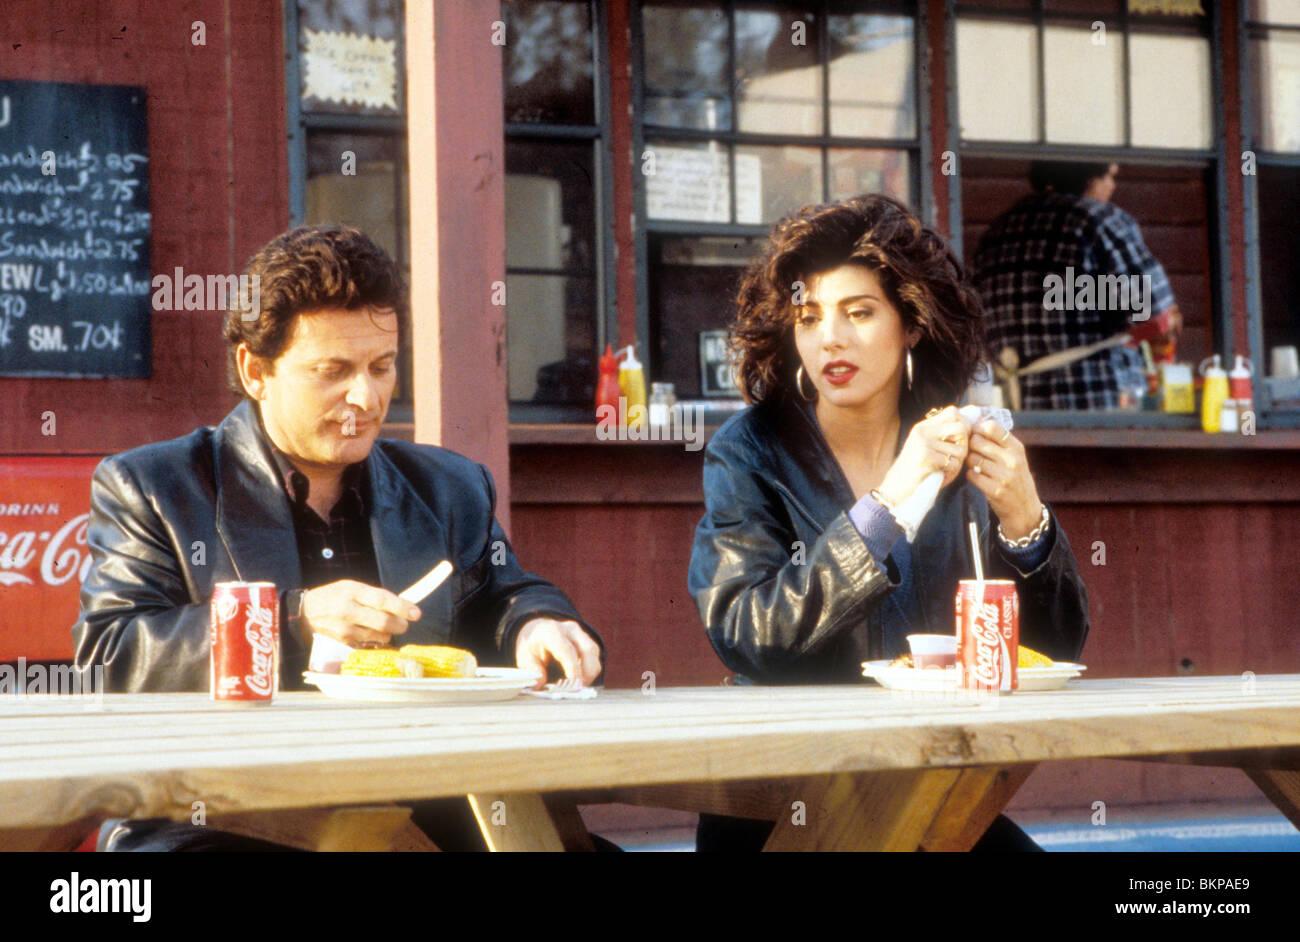 MY COUSIN VINNY (1992) JOE PESCI, MARISA TOMEI MCV 012 H - Stock Image